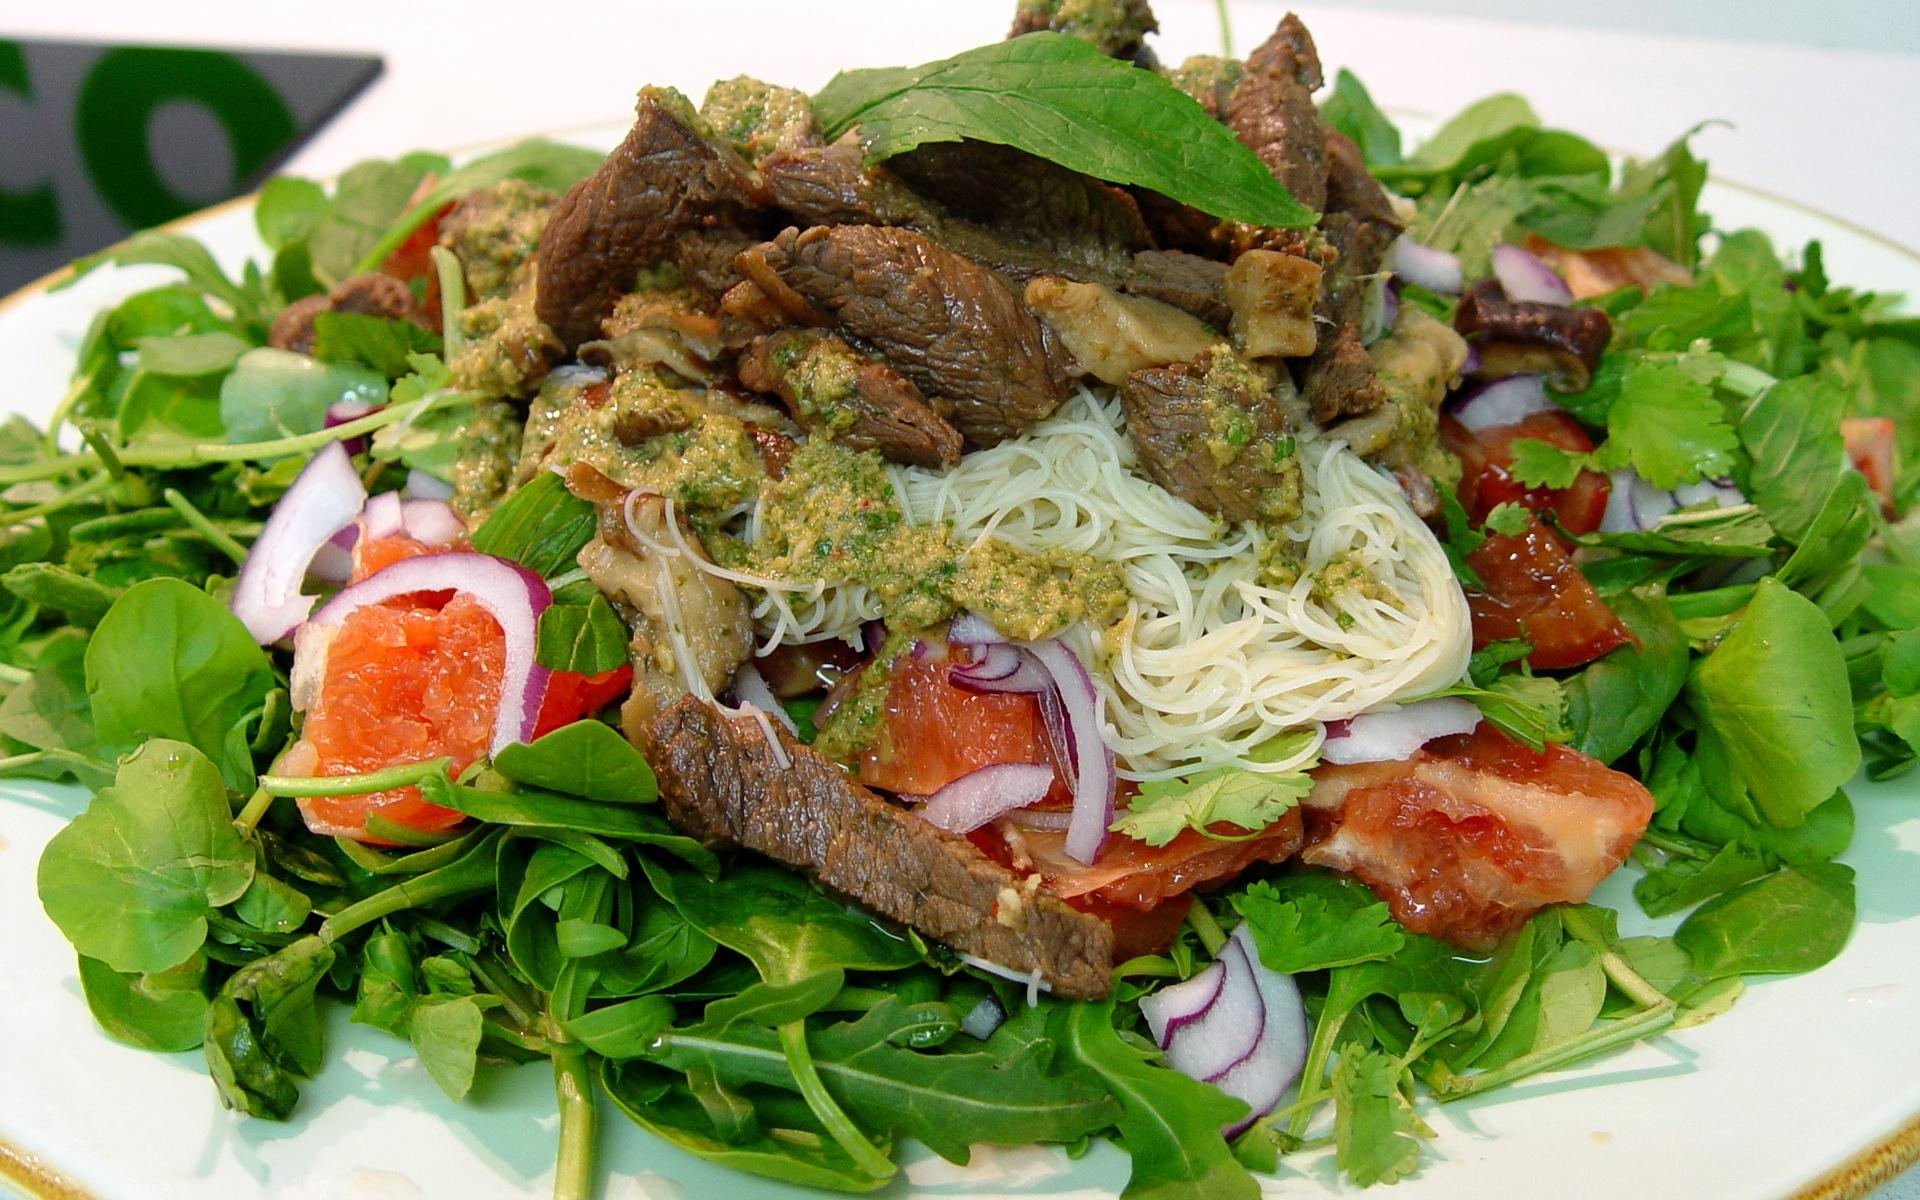 Картинки Мясо, макароны, зелень, овощи, соус фото и обои на рабочий стол